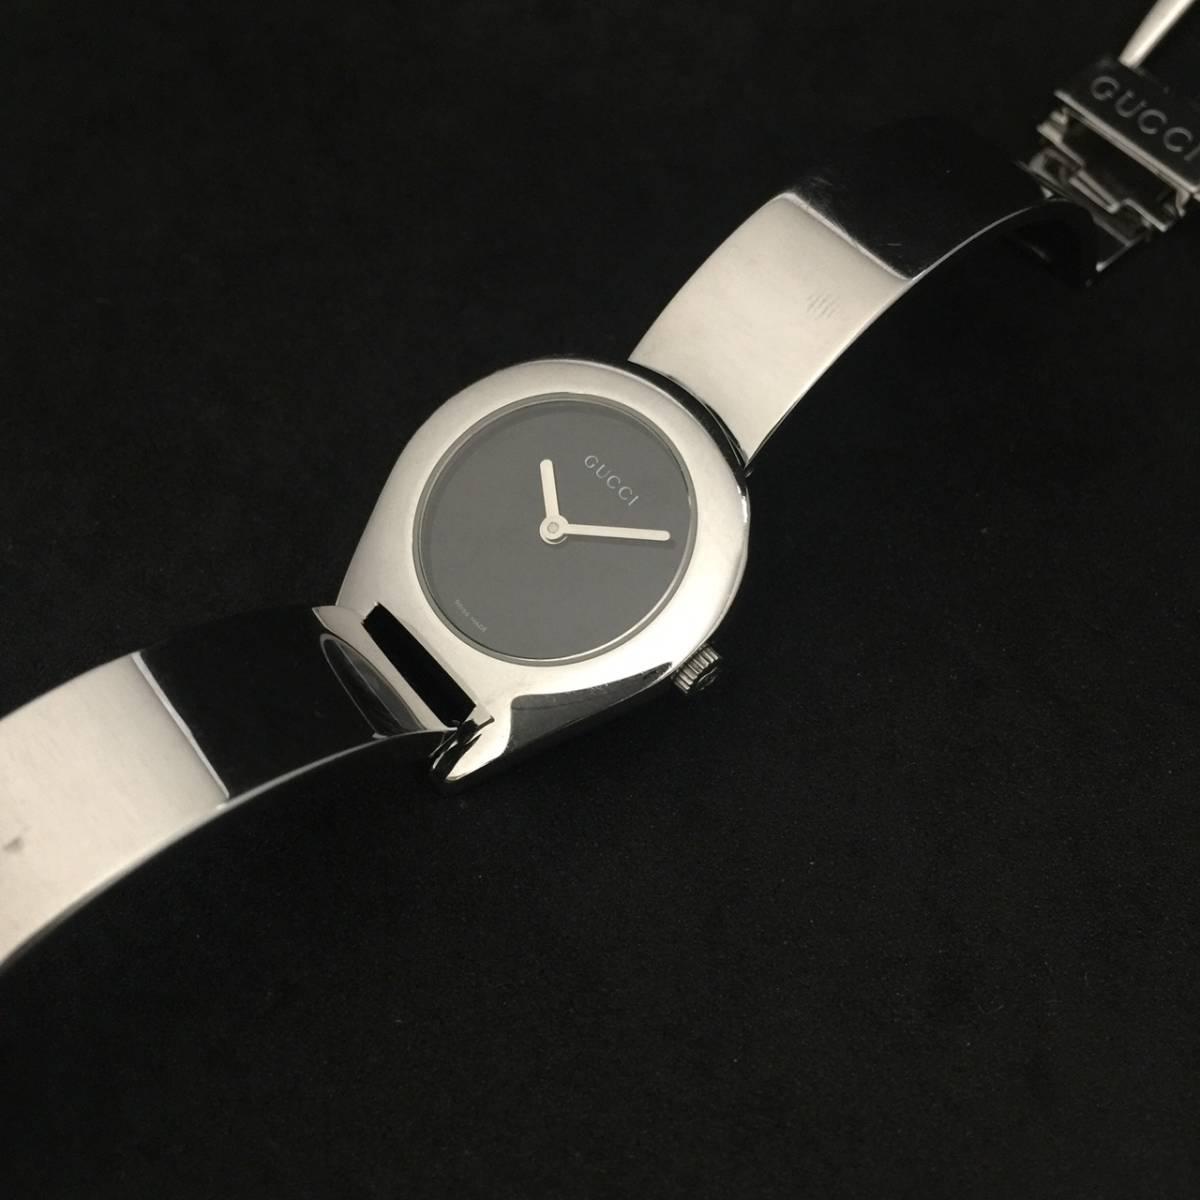 【1円良品】GUCCI グッチ 腕時計 レディース 6700L バングル ブラック ミラーダイヤル 可動品_画像8